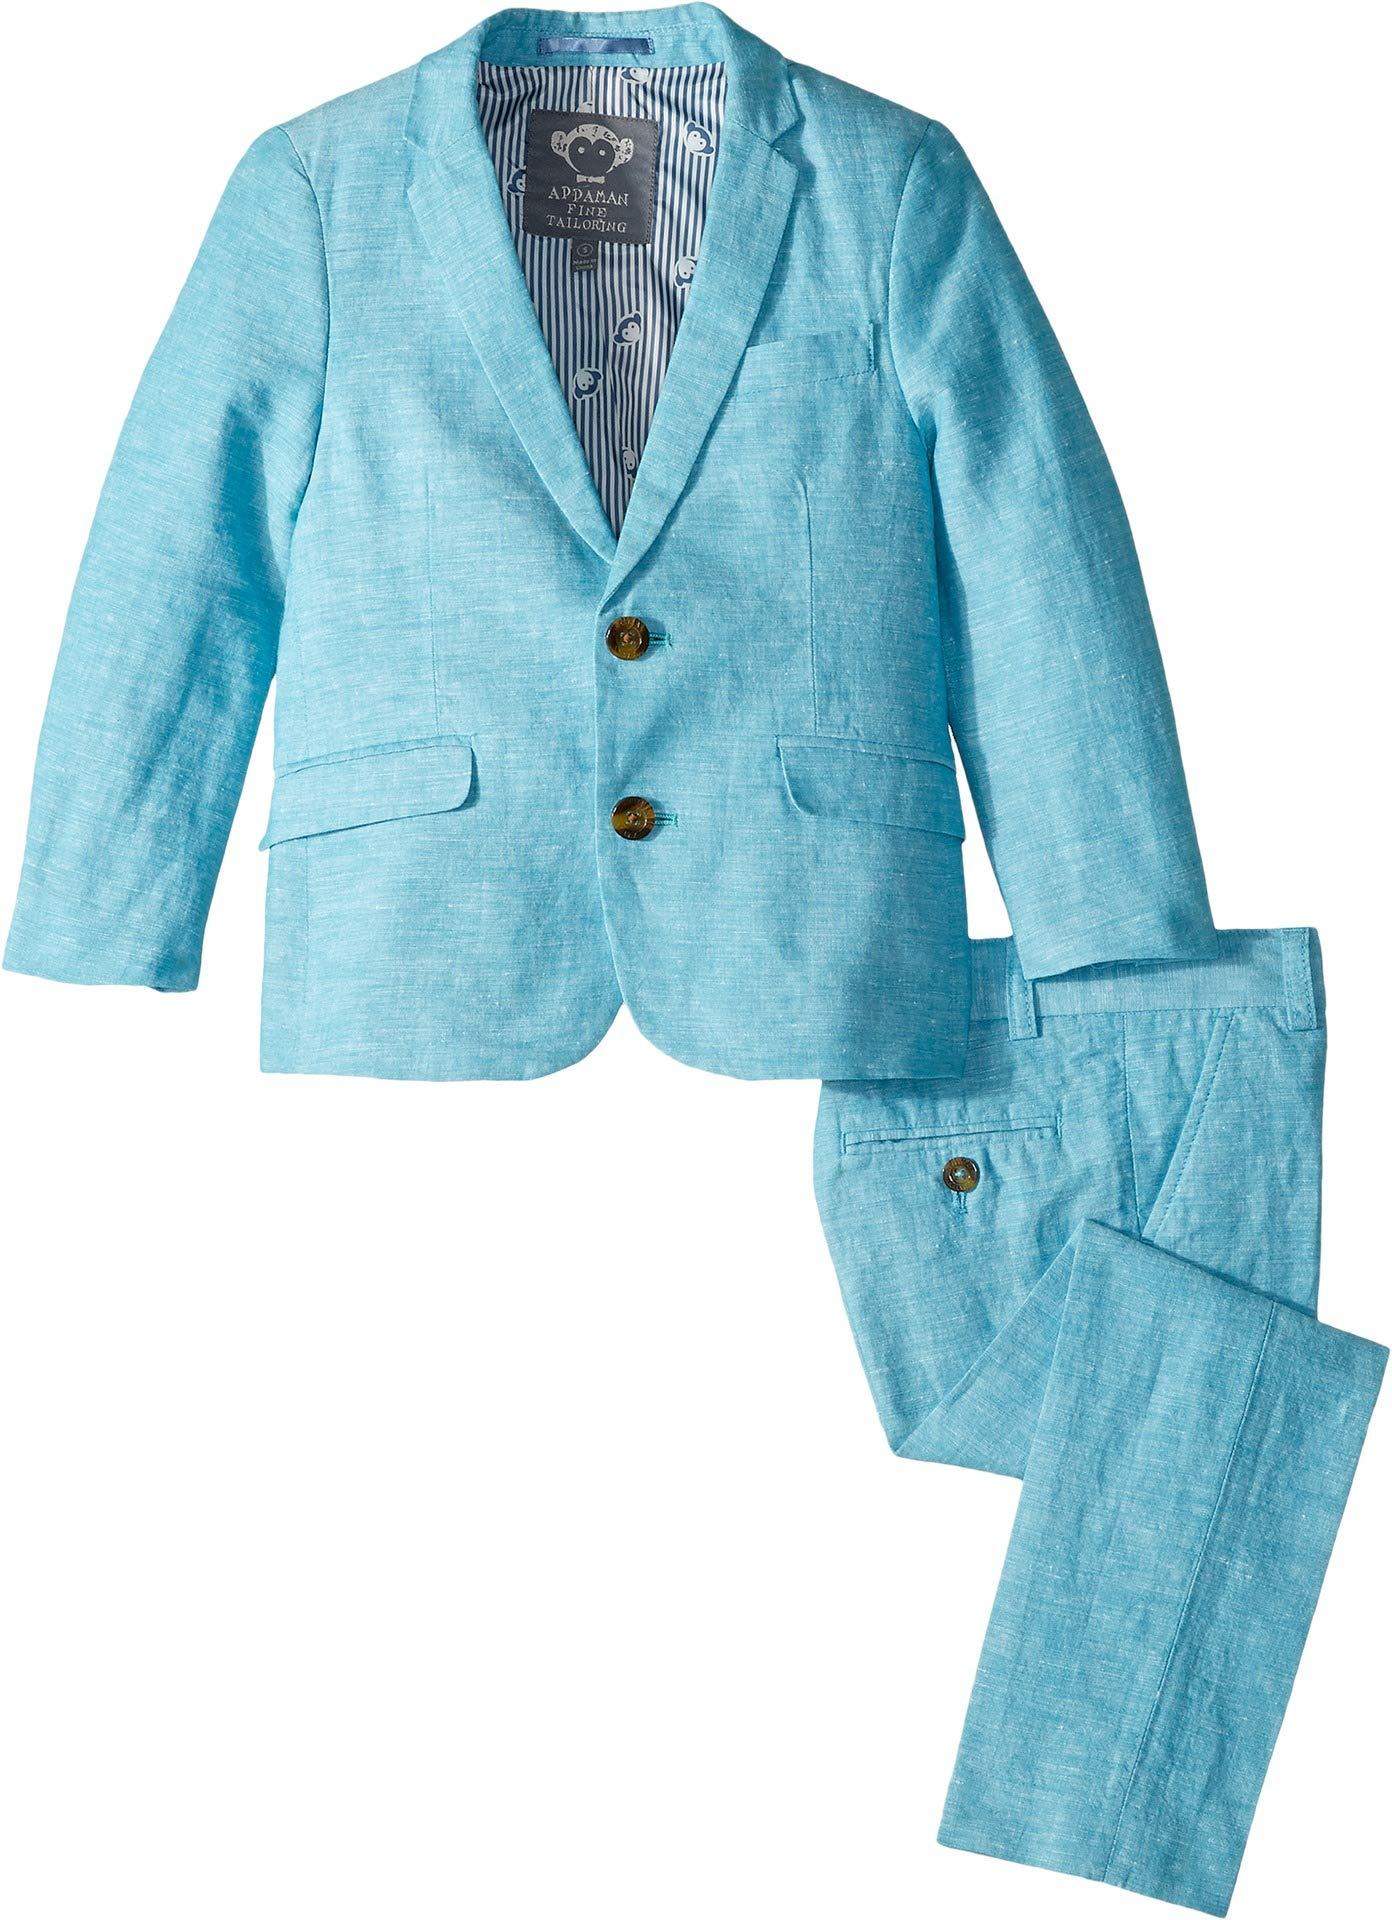 Appaman Kids Baby Boy's Mod Suit (Toddler/Little Kids/Big Kids) Scuba Blue 8